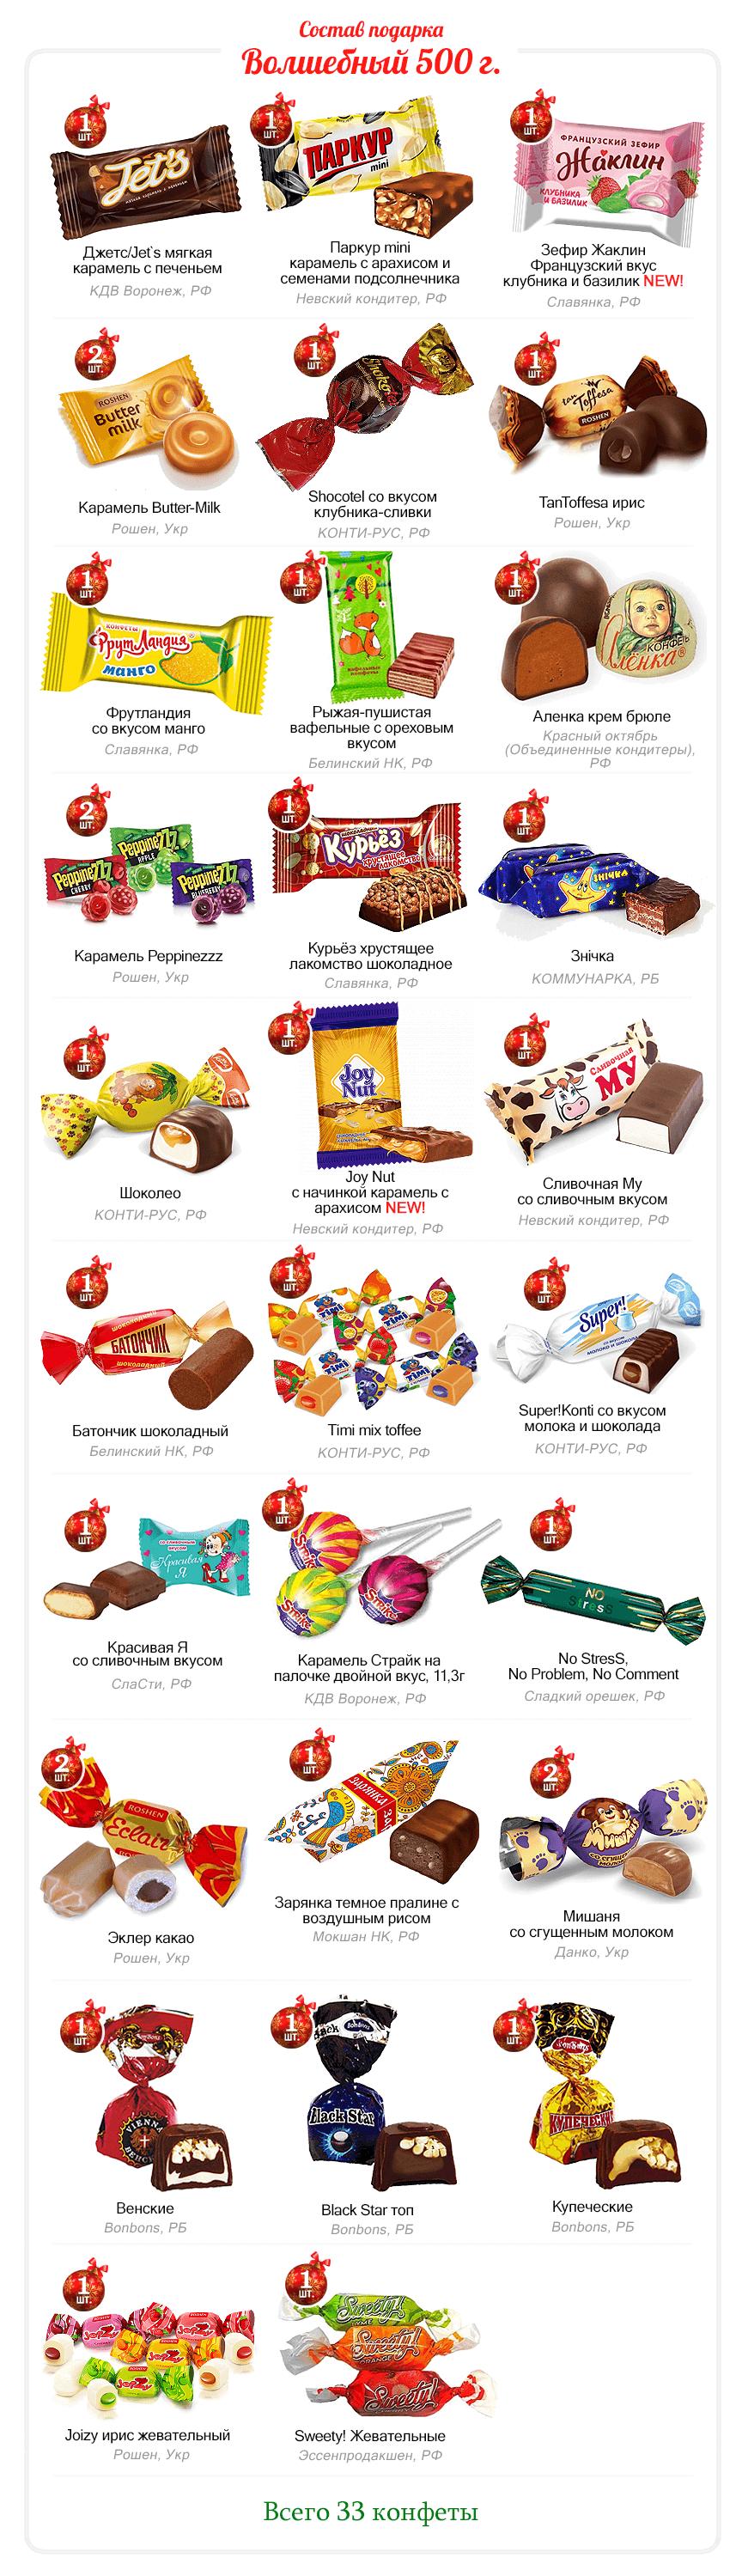 Конфеты в новогоднем подарке Волшебный 500 гр.